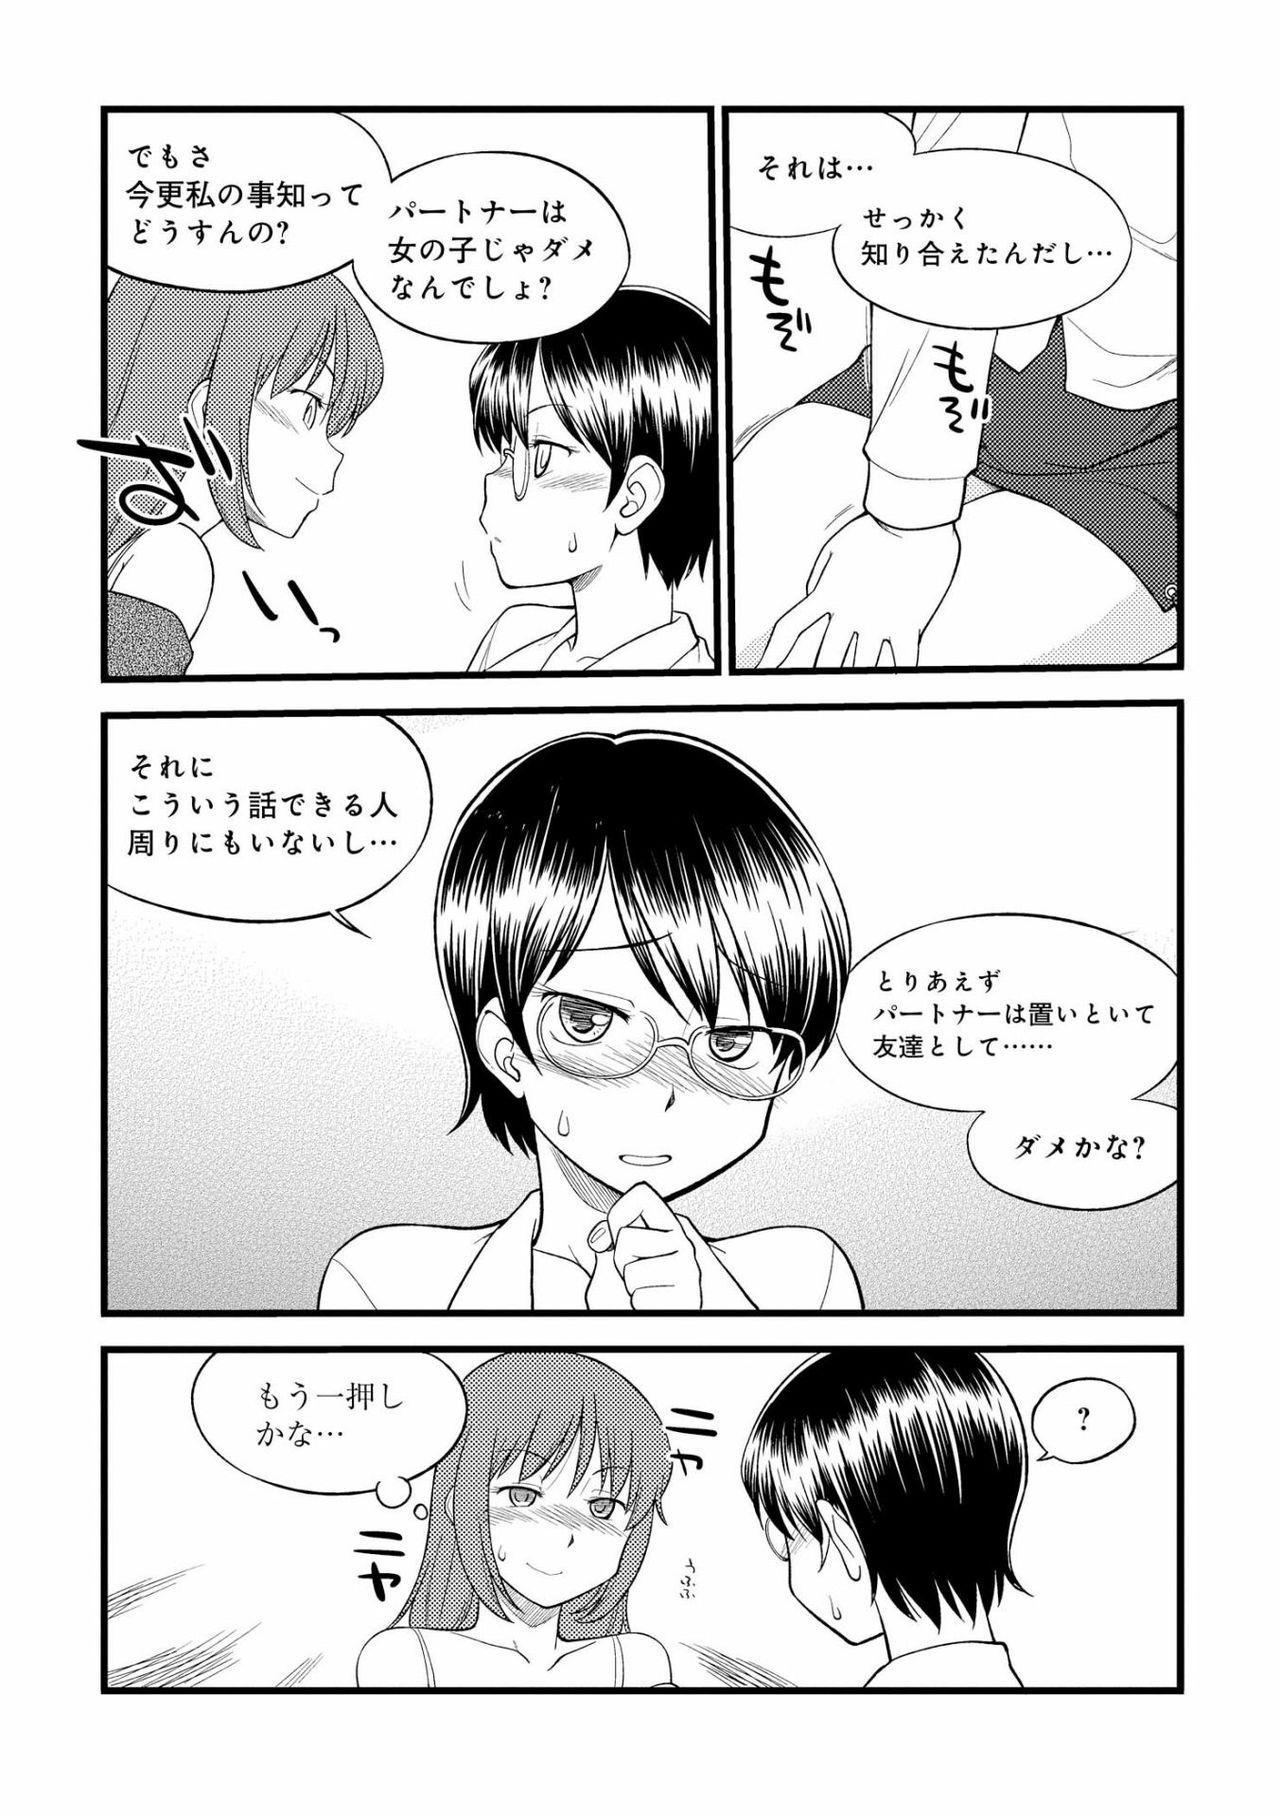 [Mitsuba] Karada mo Kokoro mo Boku no Mono ~Hajimete no SM Guide~ 2 [Digital] 37